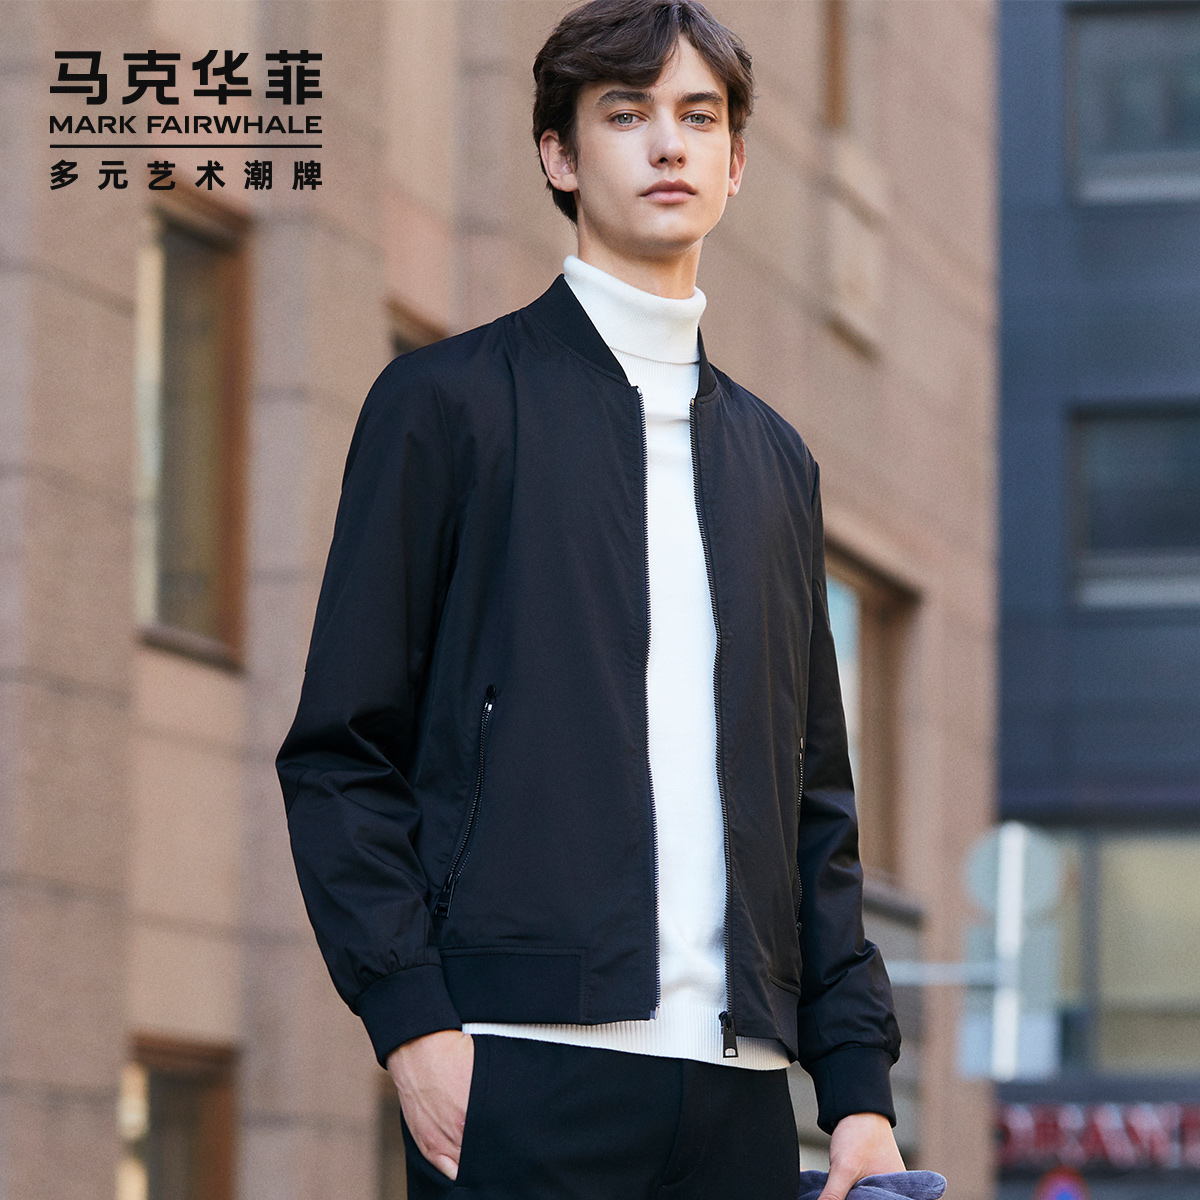 马克华菲男春季韩版潮棒球服夹克